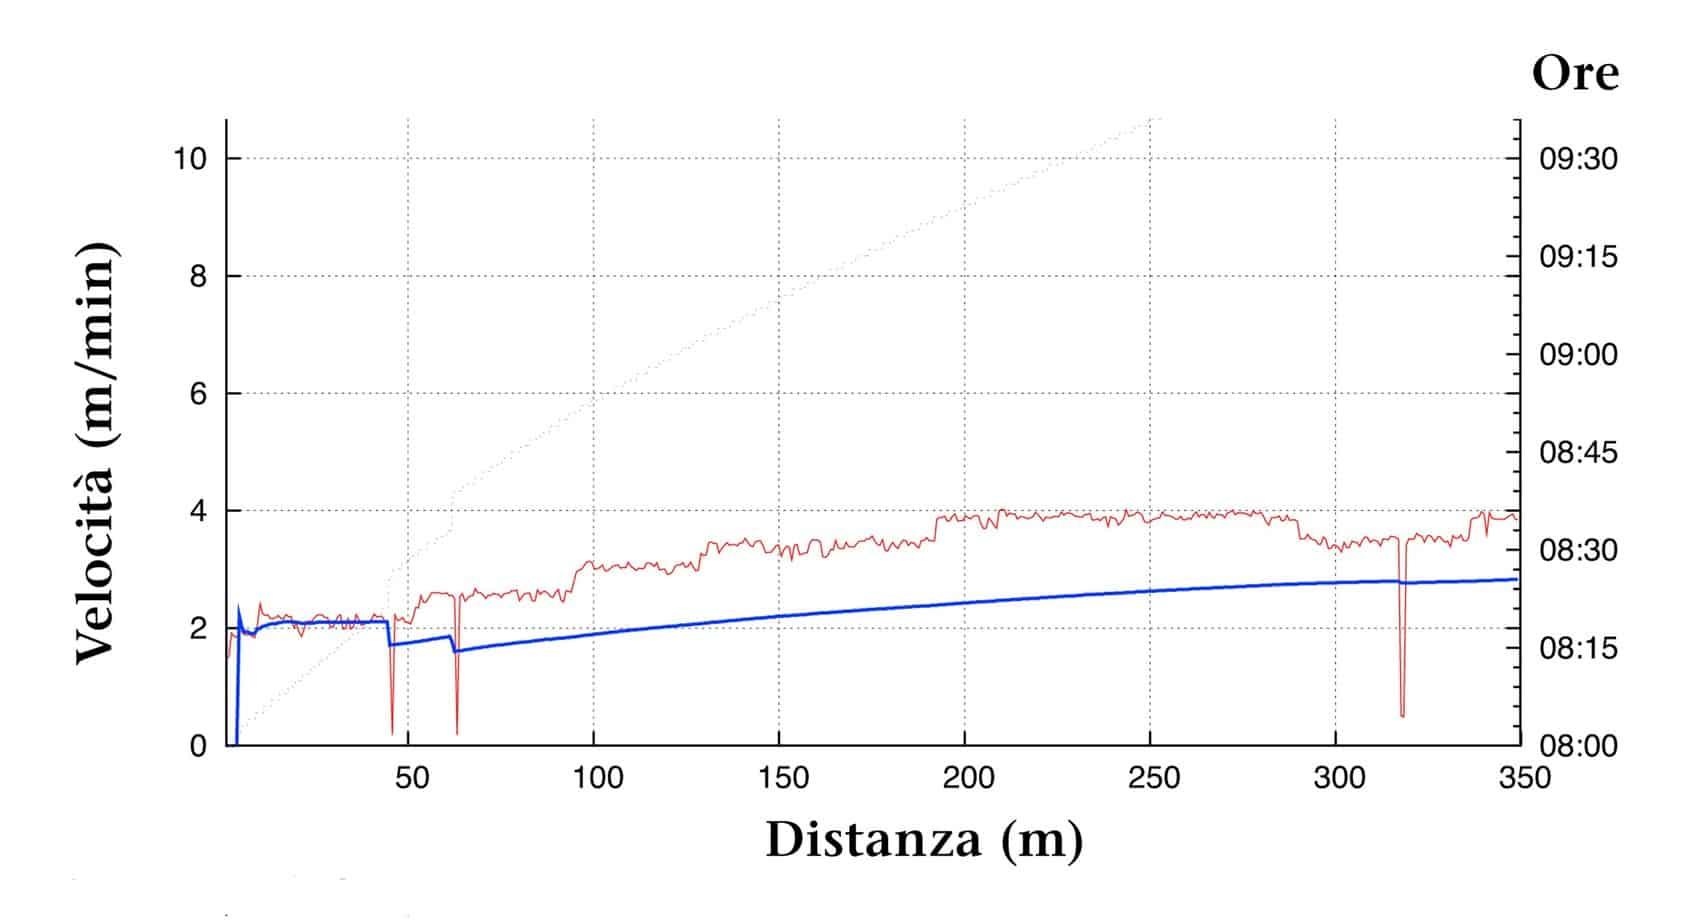 Un intervento eseguito senza alimentatore: senza alimentatore è spesso inevitabile interrompere periodicamente i lavori; le interruzioni sono riconoscibili nel grafico dai ripetuti abbassamenti improvvisi della curva rossa. La velocità di avanzamento media, indicata dalla linea blu, è di 2,28 m/min.